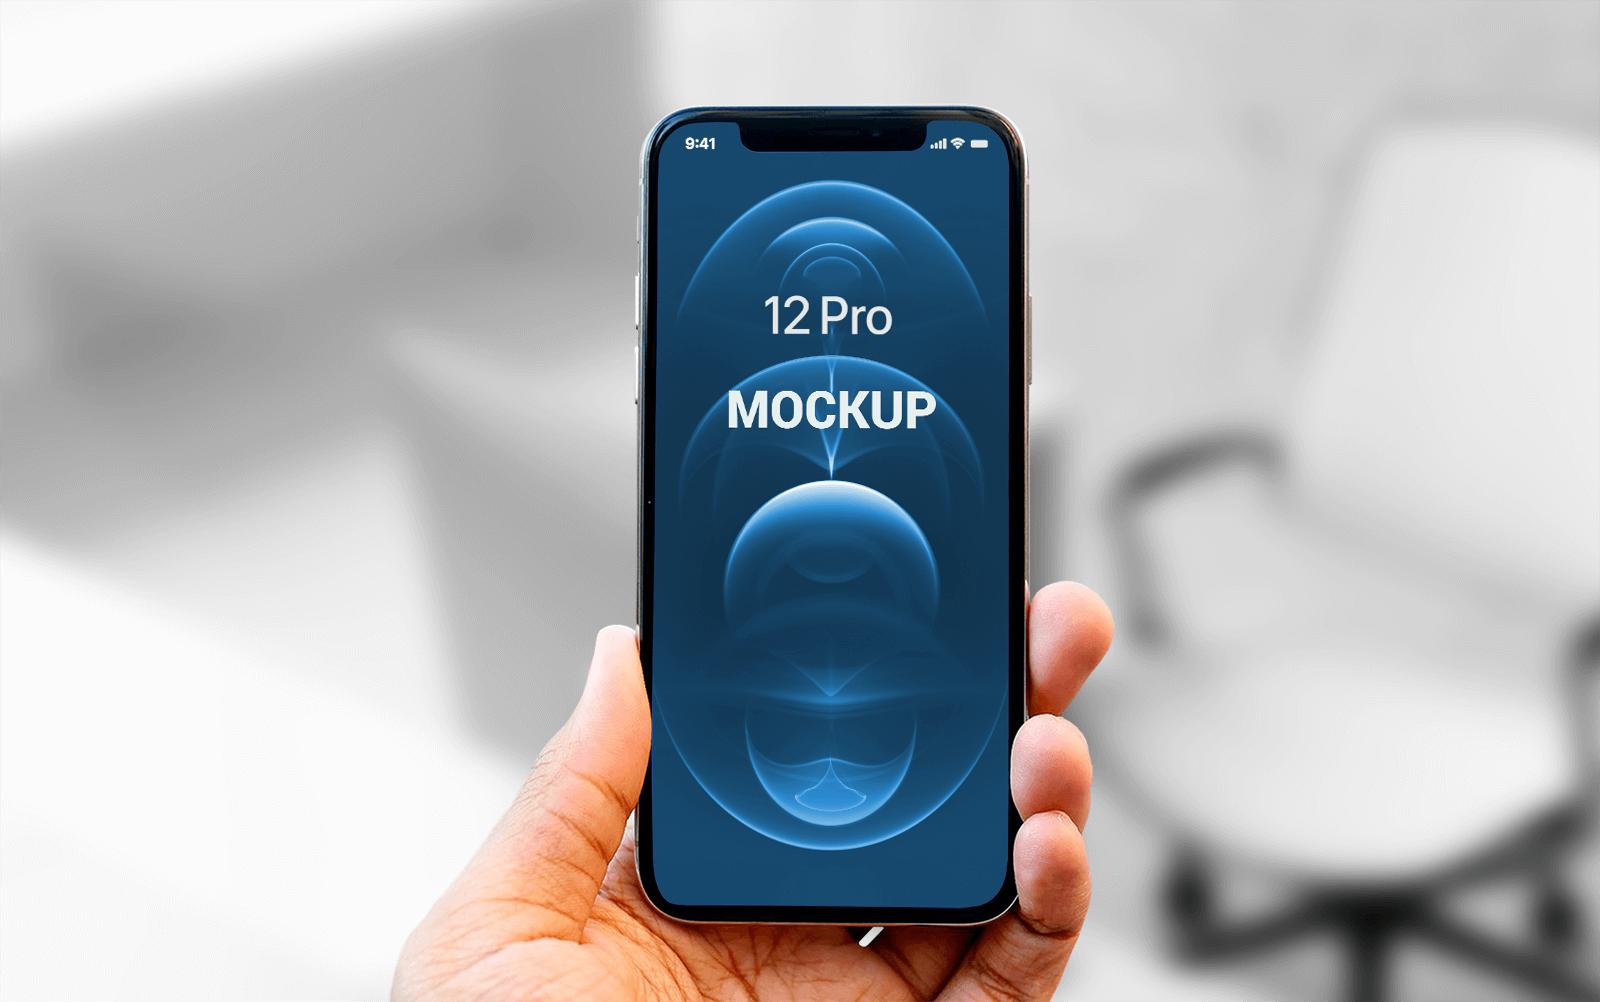 Free Hand holding iPhone 12 Pro Mockup